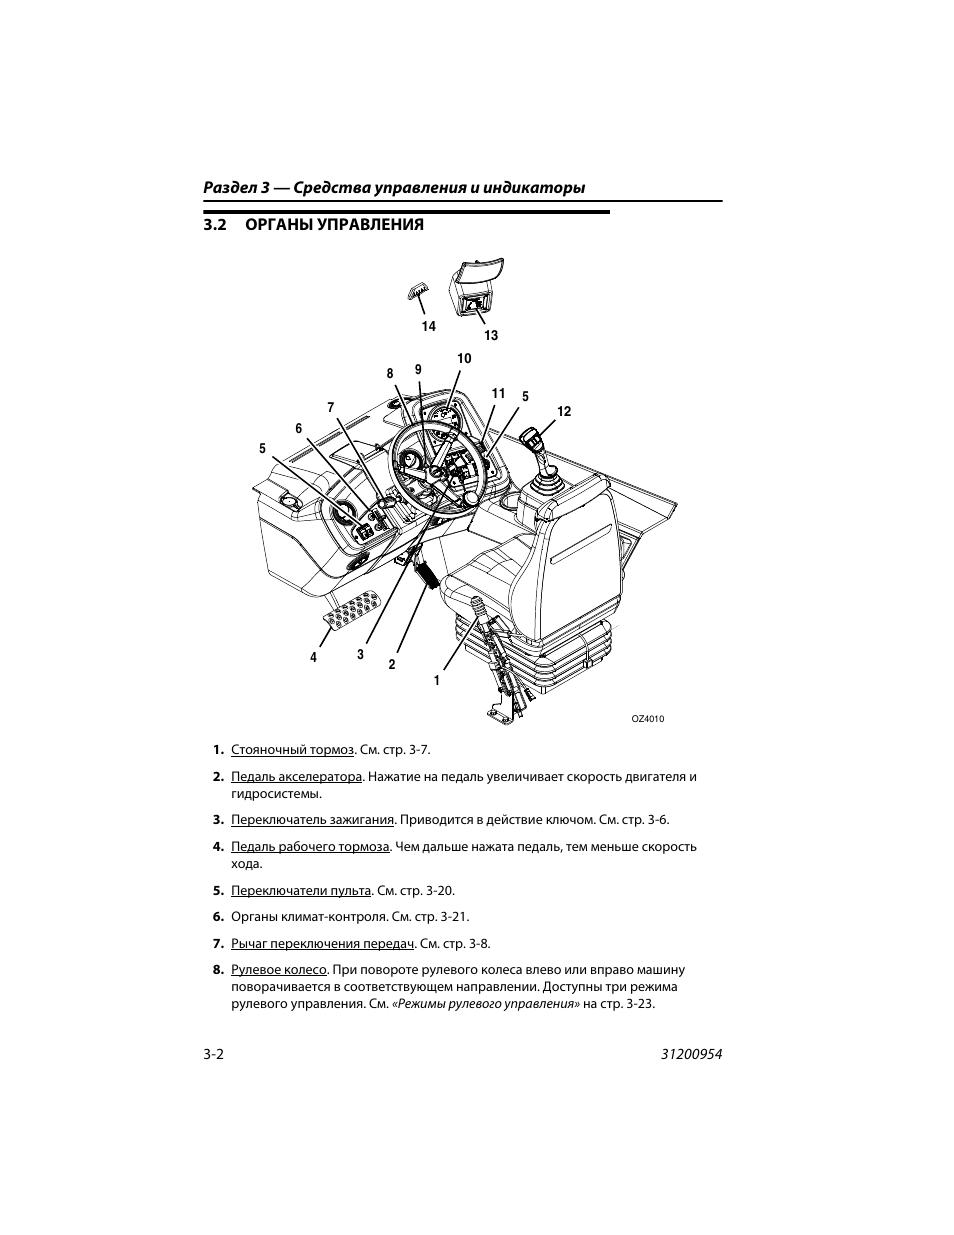 инструкция моторола см 140